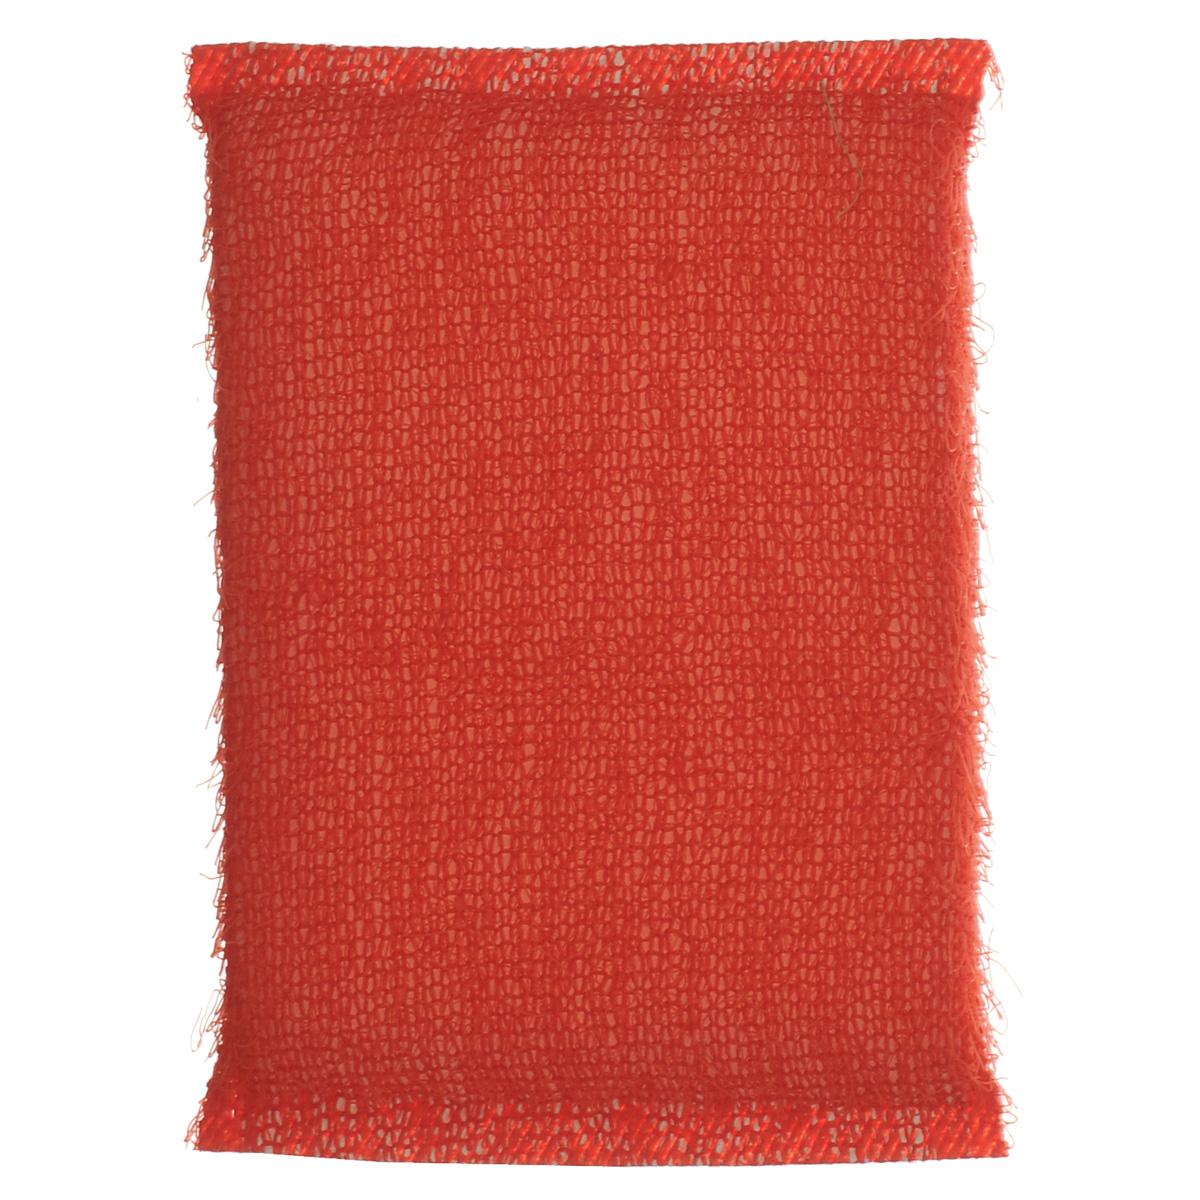 Губка для мытья посуды Home Queen, цвет: красный, 120 х 80 х 25 мм103964Губка для мытья посуды Home Queen изготовлена из поролона вворсистой сетке из полипропиленовой нити.Предназначена для мытья посуды и кухонных поверхностей.Удобна в применении. Позволяет экономить моющее средство,благодаря структуре поролона, который дает много пены прииспользовании. Материал: полипропилен, поролон. Размер губки: 12 см х 9 см х 2 см.